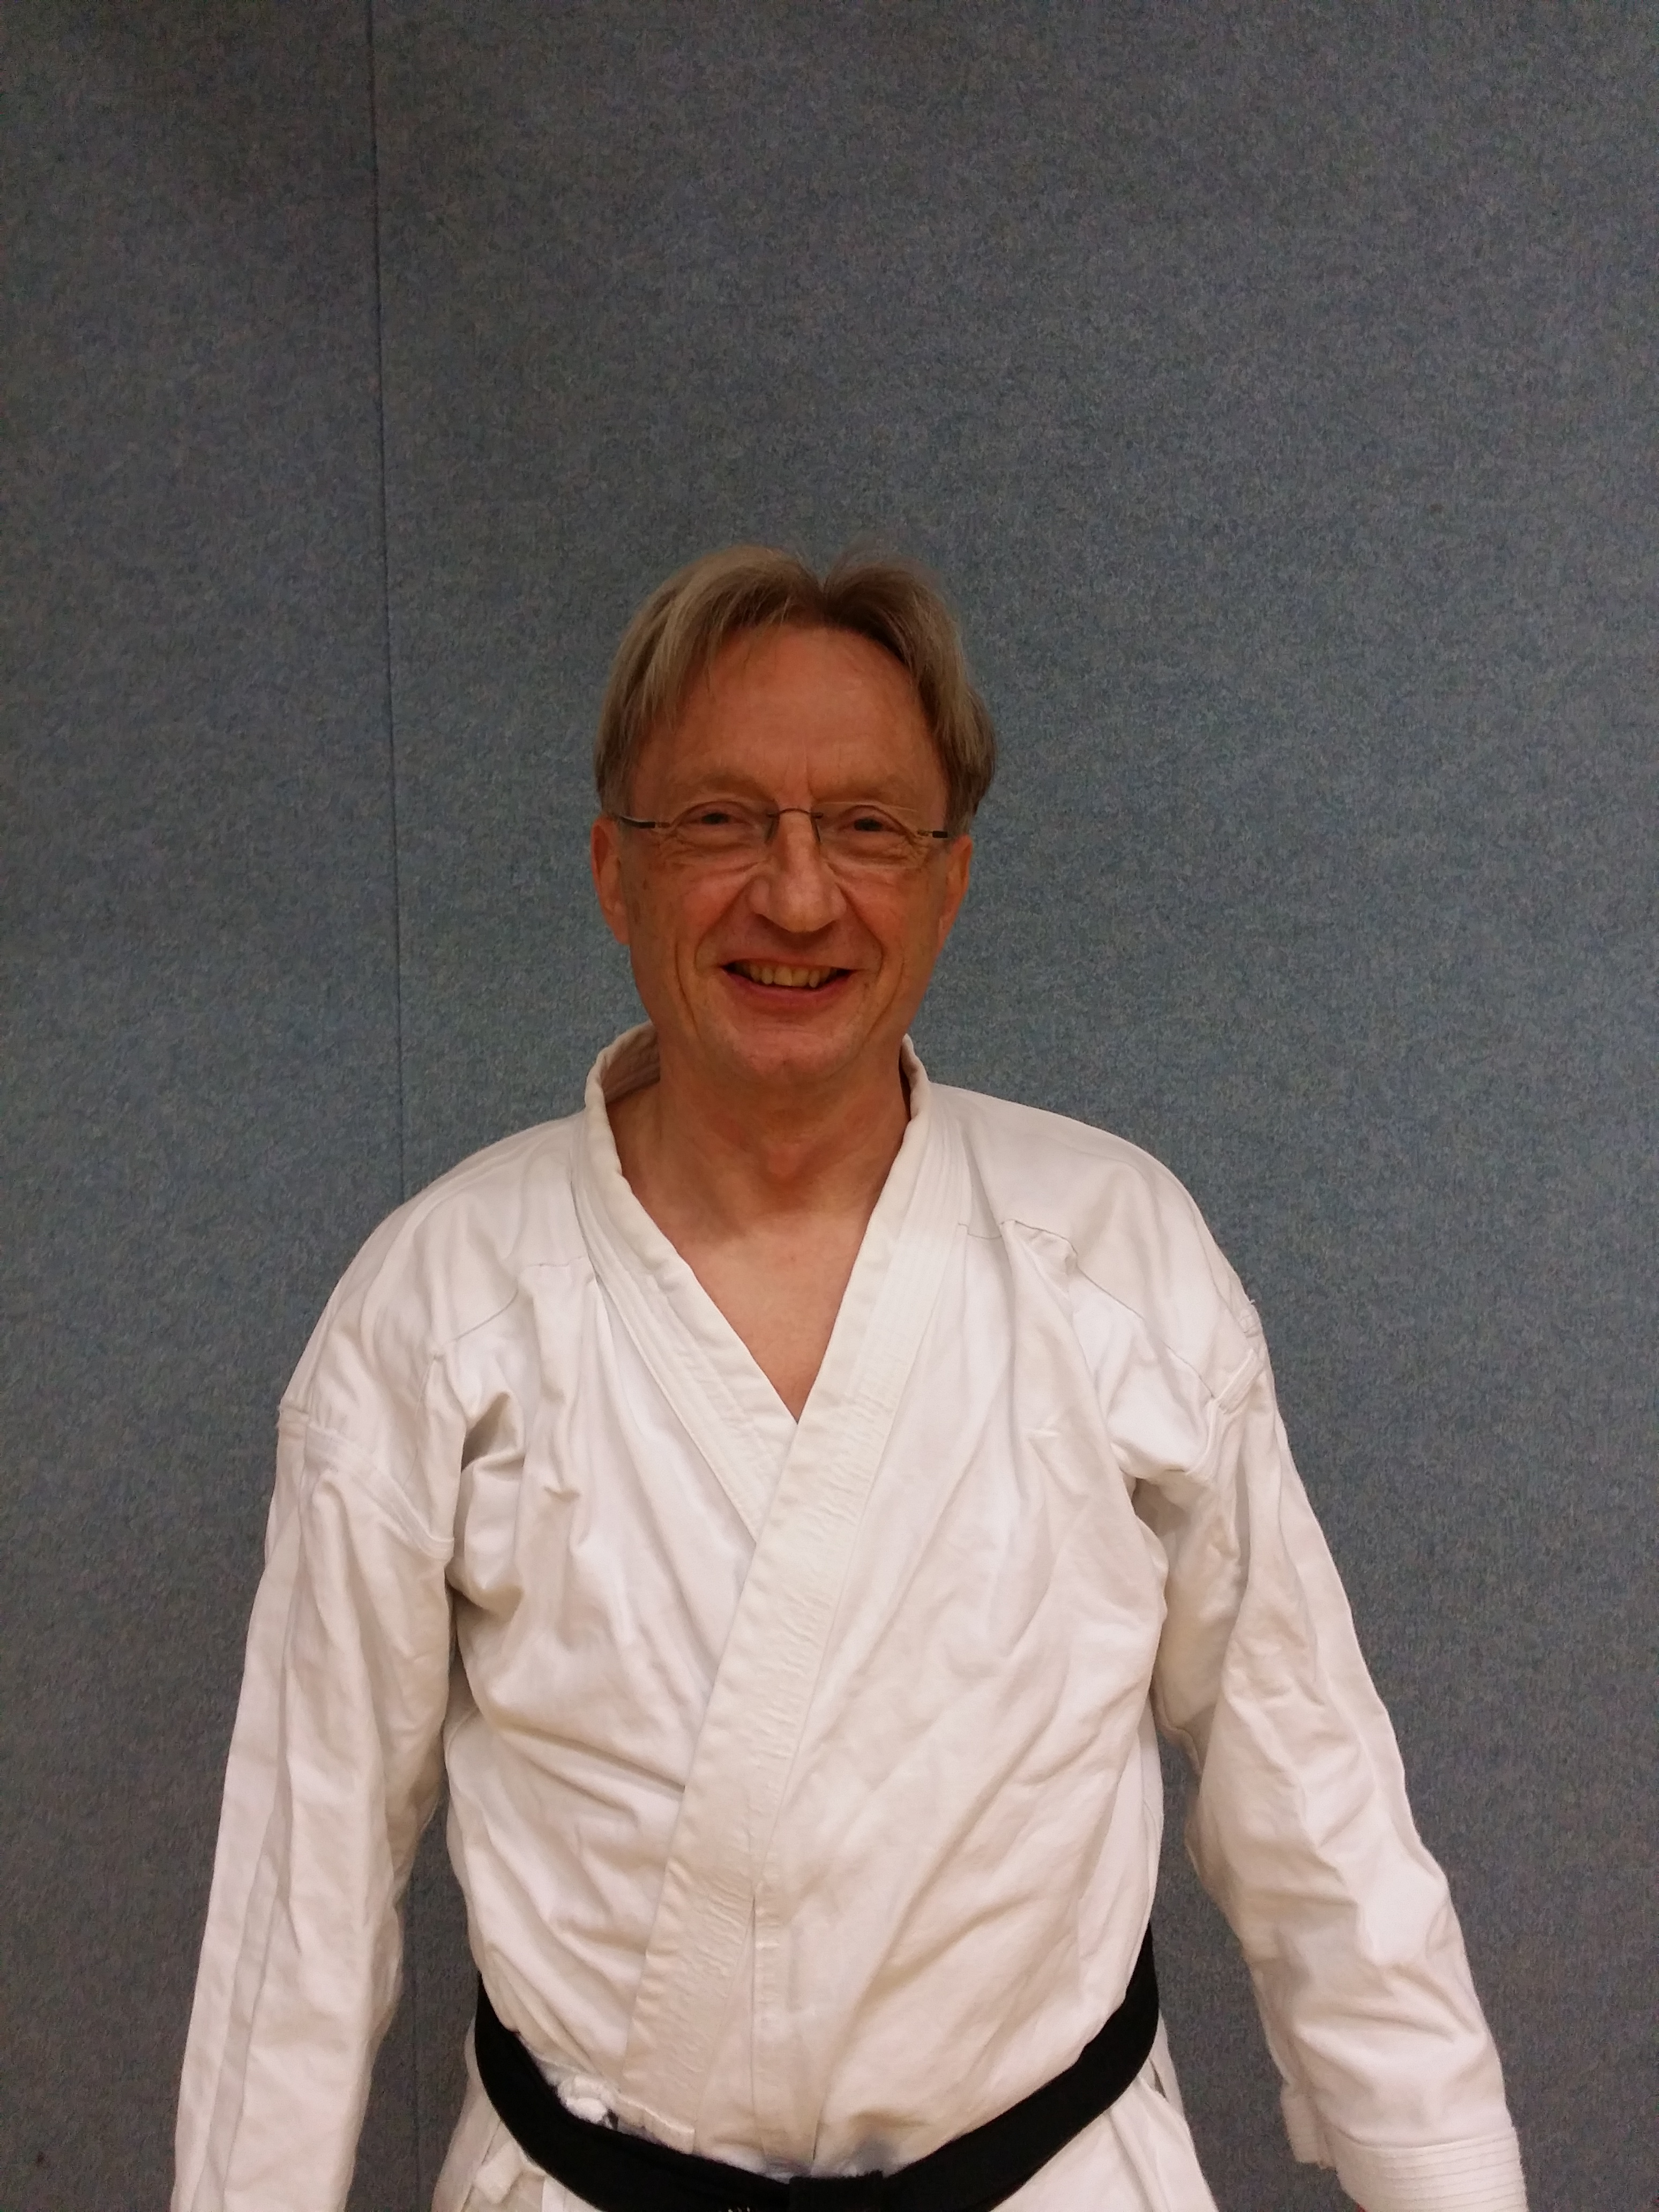 Peter Schulte